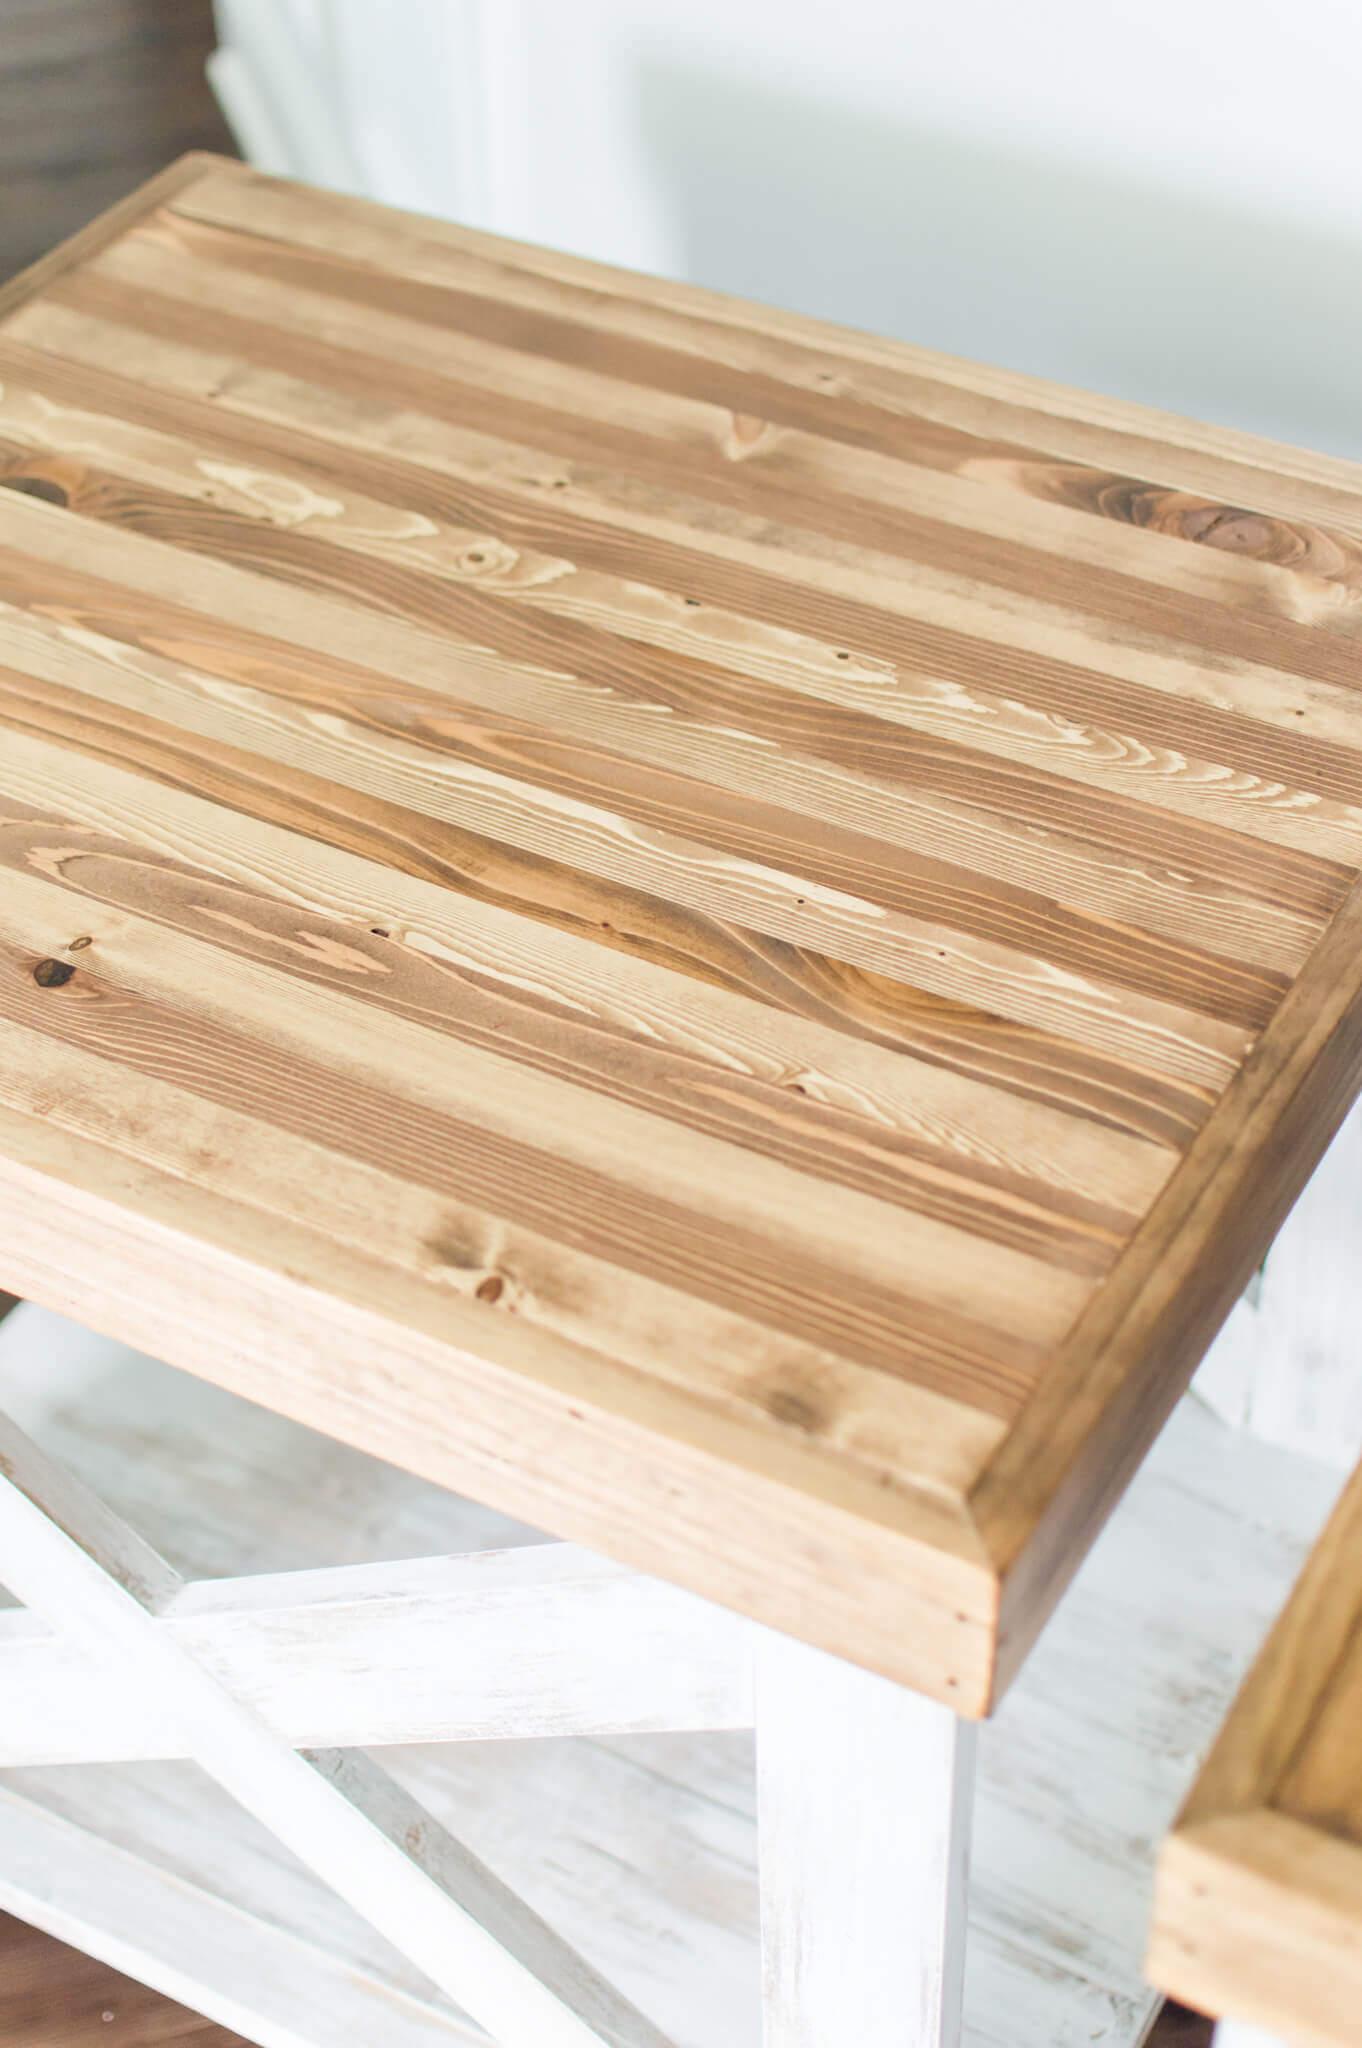 Handcrafted Farmhouse End Tables // DIY Farmhouse End Tables // A Hosting Home Decor